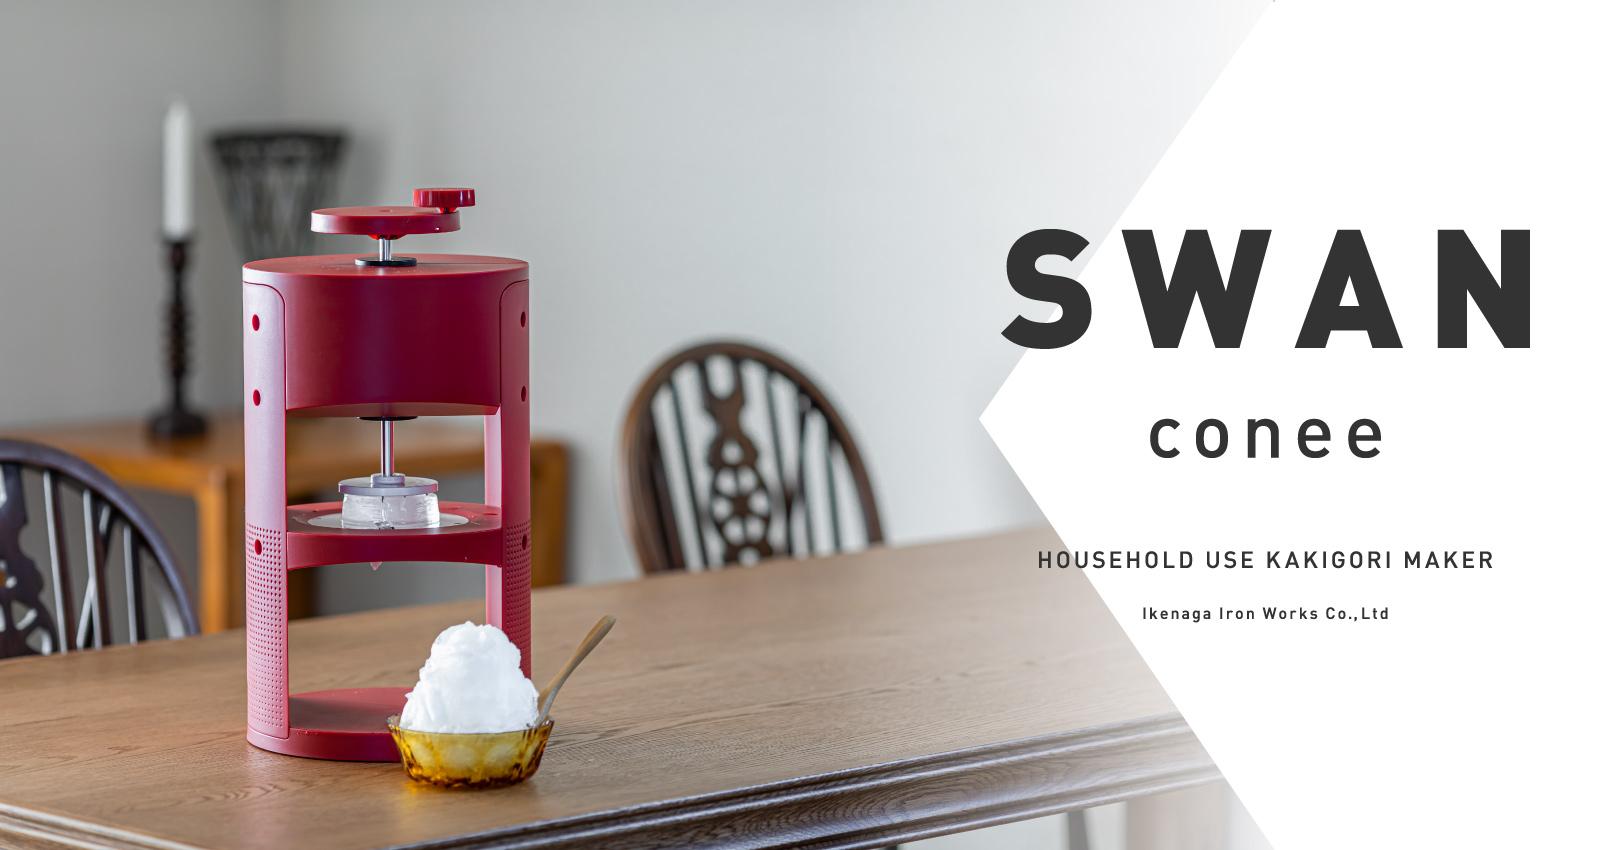 SWAN cones